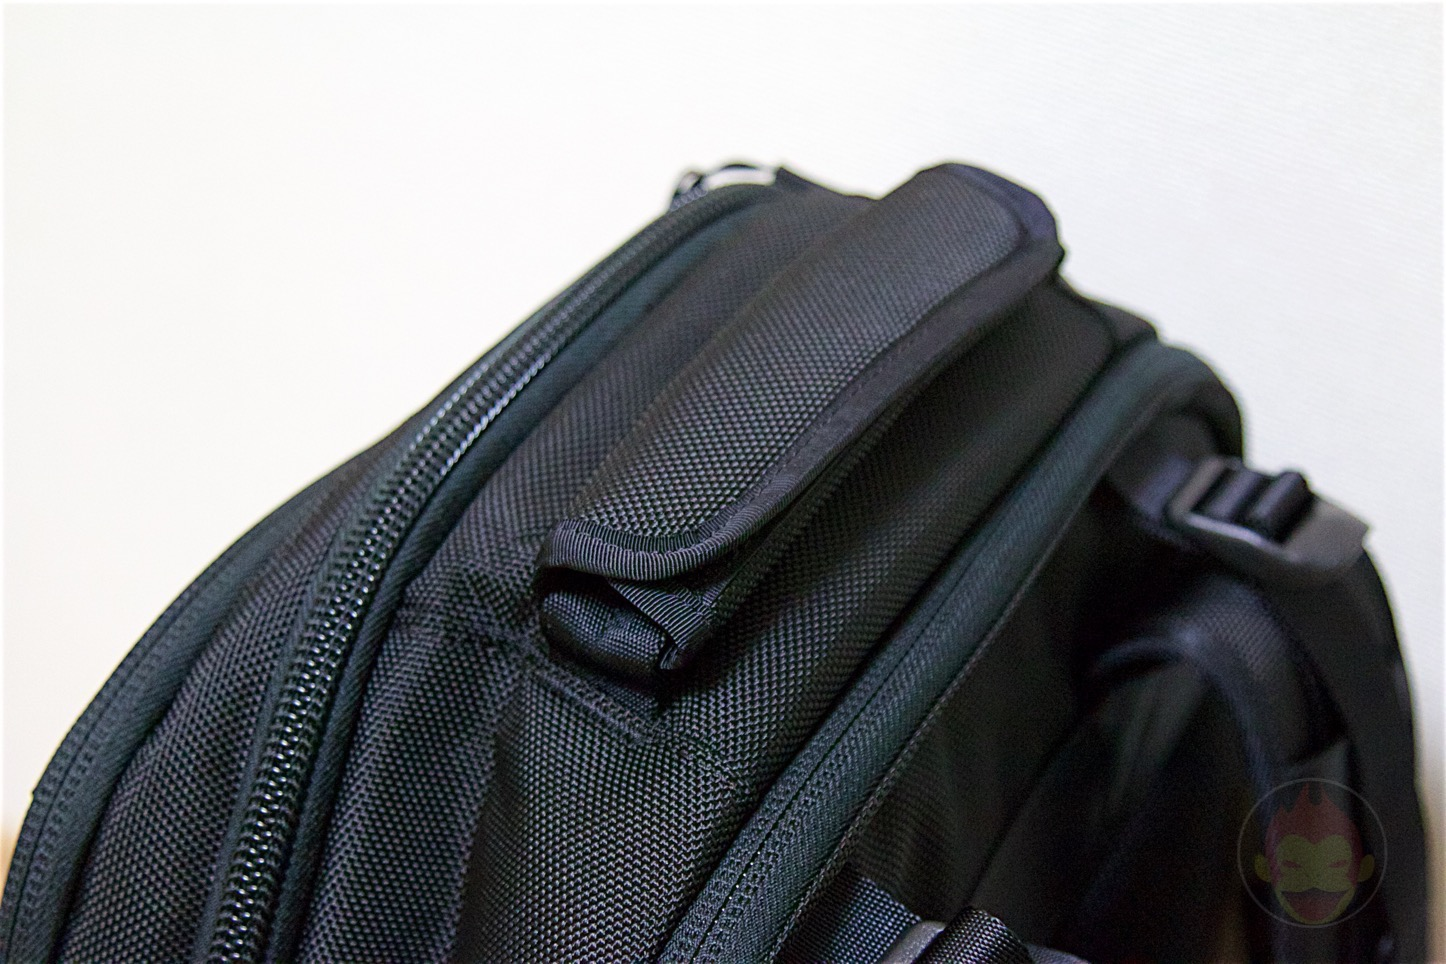 Aer-Travel-BackPack-on-Kickstarter-08.jpg